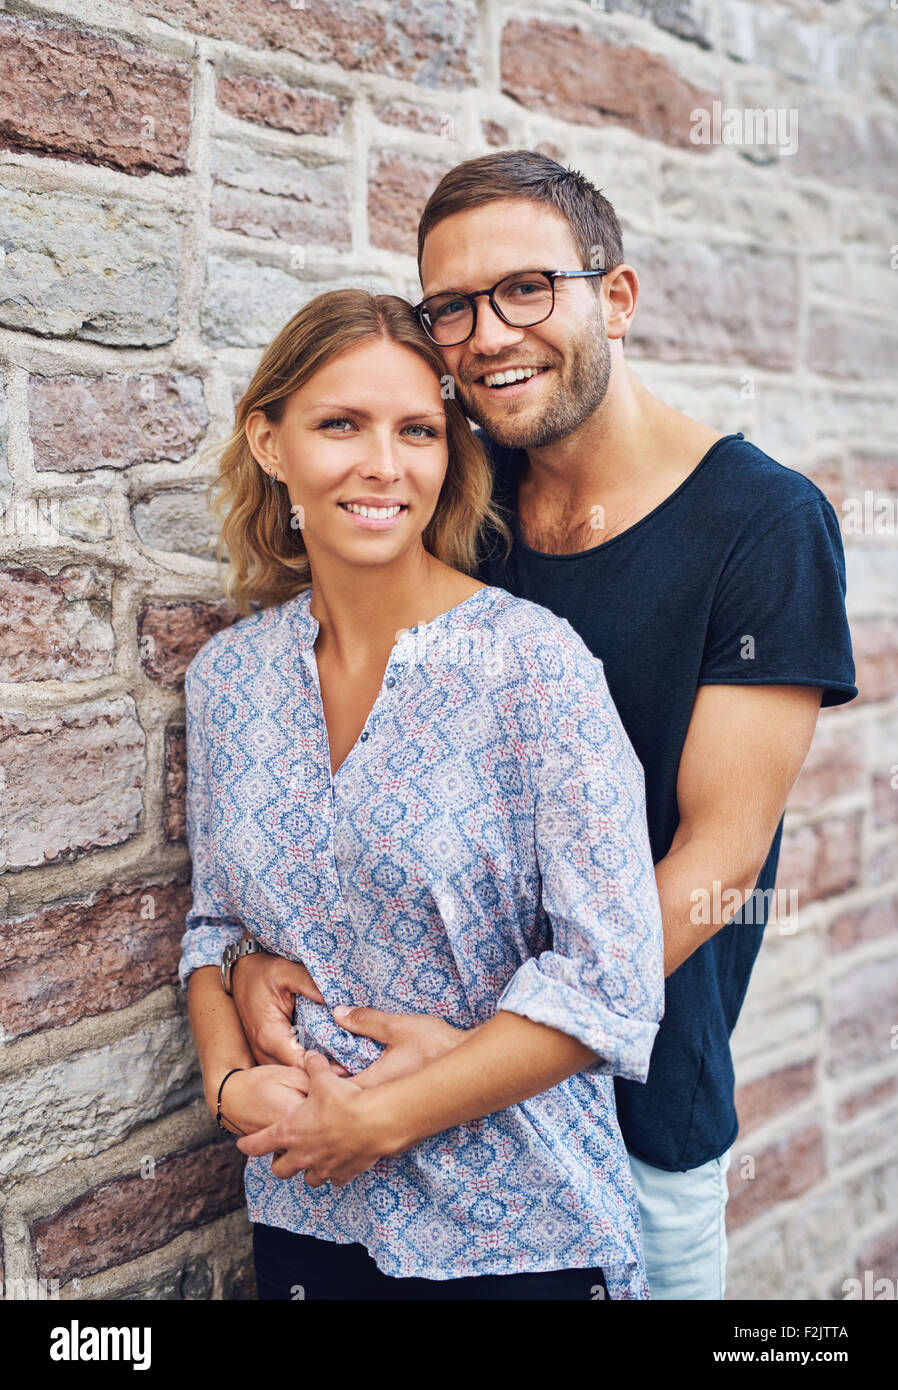 Disparo de medio cuerpo de un hombre dulce abrazando a su novia detrás de ella mientras recostado contra el Imagen De Stock